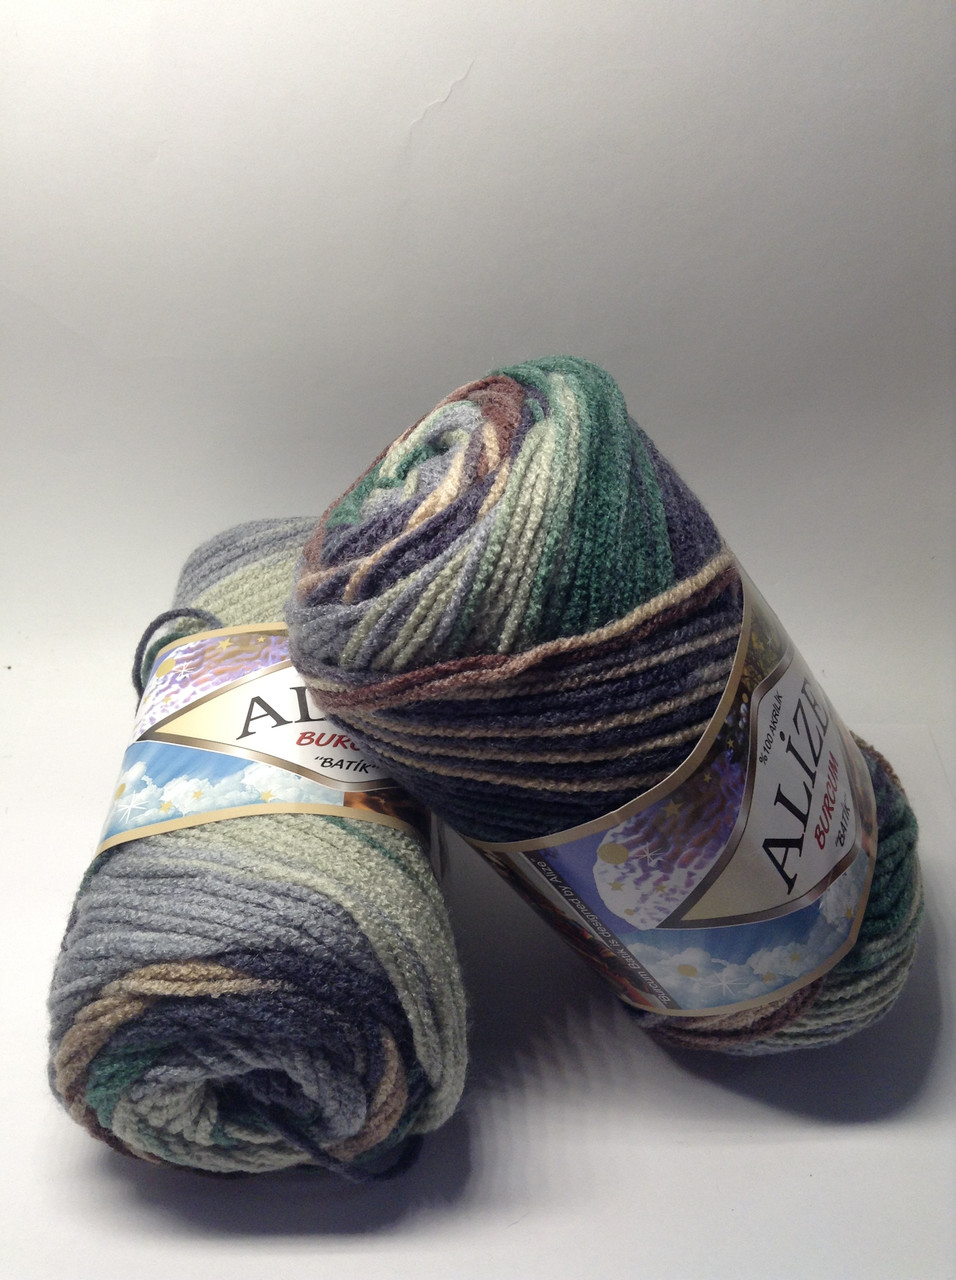 Пряжа burcum batik Alize (100% акрил)